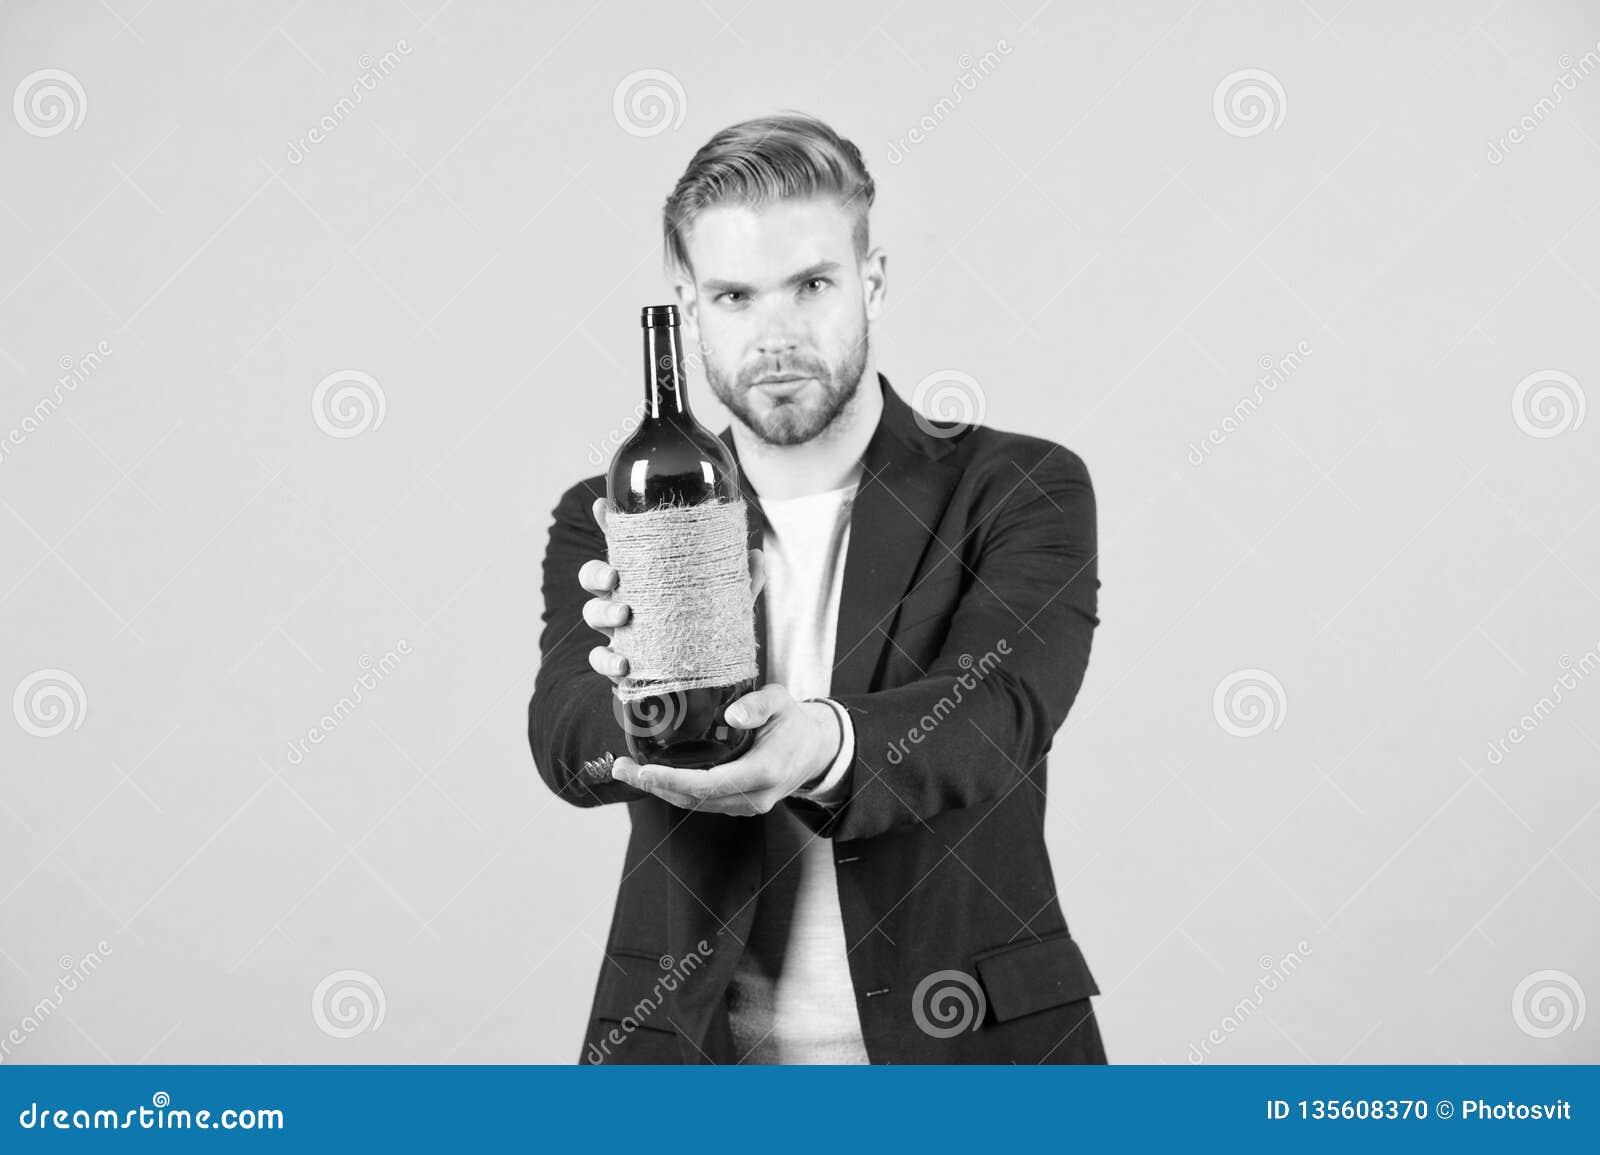 Vous aimez essayer ceci Bouteille d offre de Sommelier de vin Concept professionnel de degustation de vin Costume formel d homme